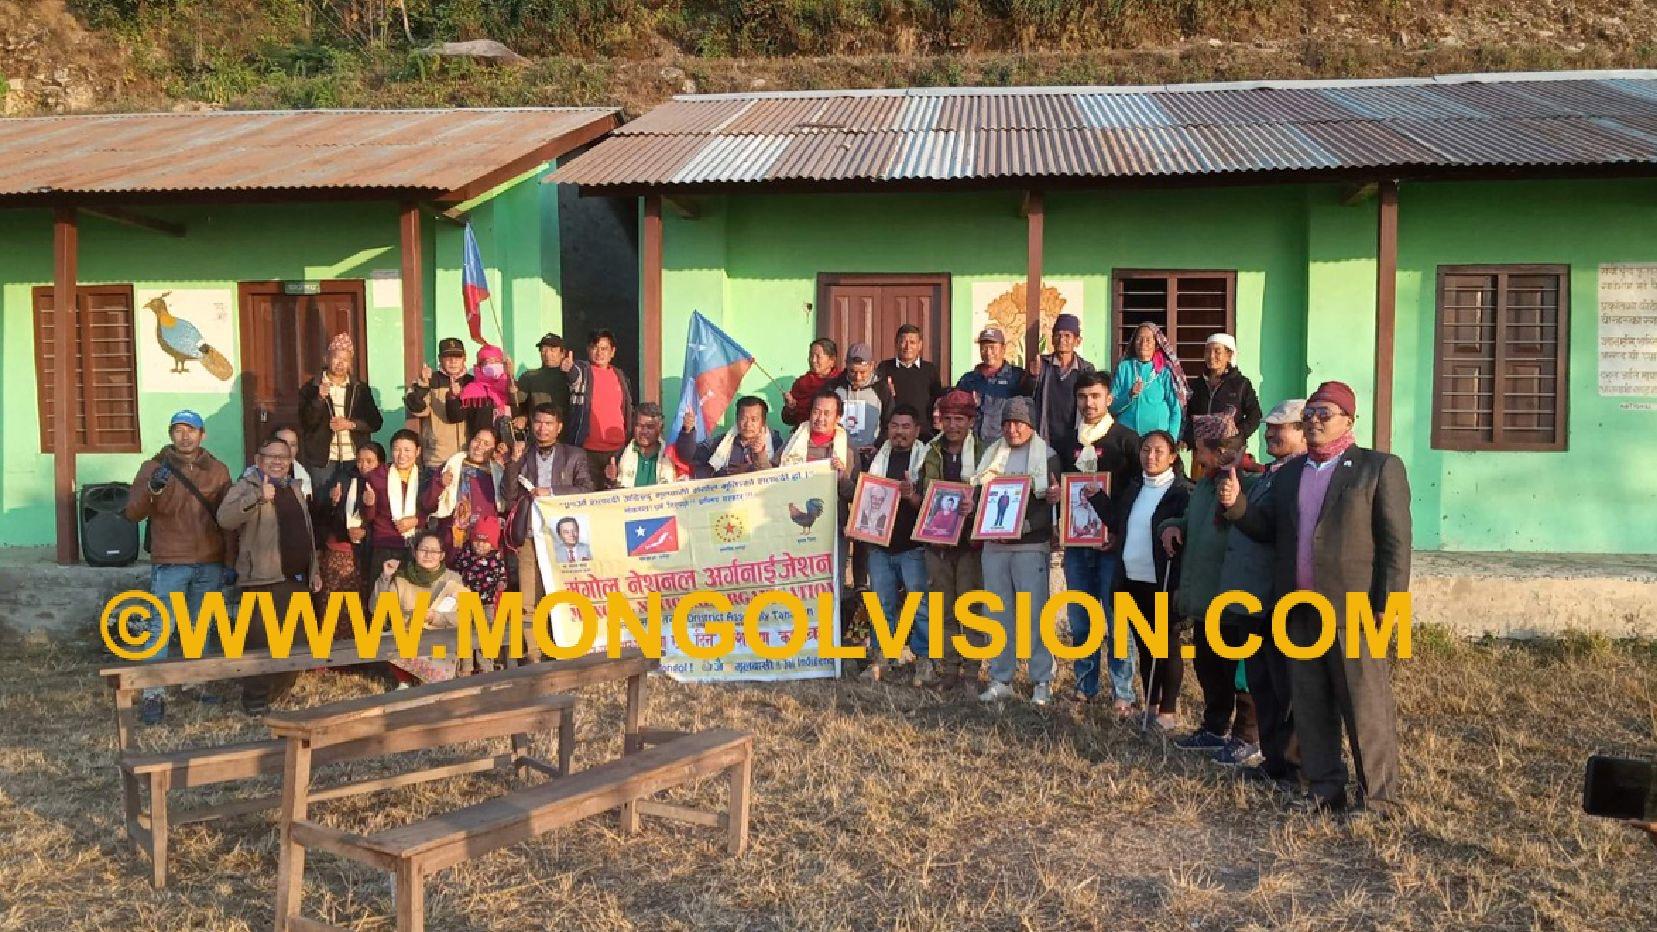 तनहुँको पुलिमरङमा एकदिने मुलवासी राष्ट्रवाद सम्बन्धी प्रशिक्षण कार्यक्रम सम्पन्न